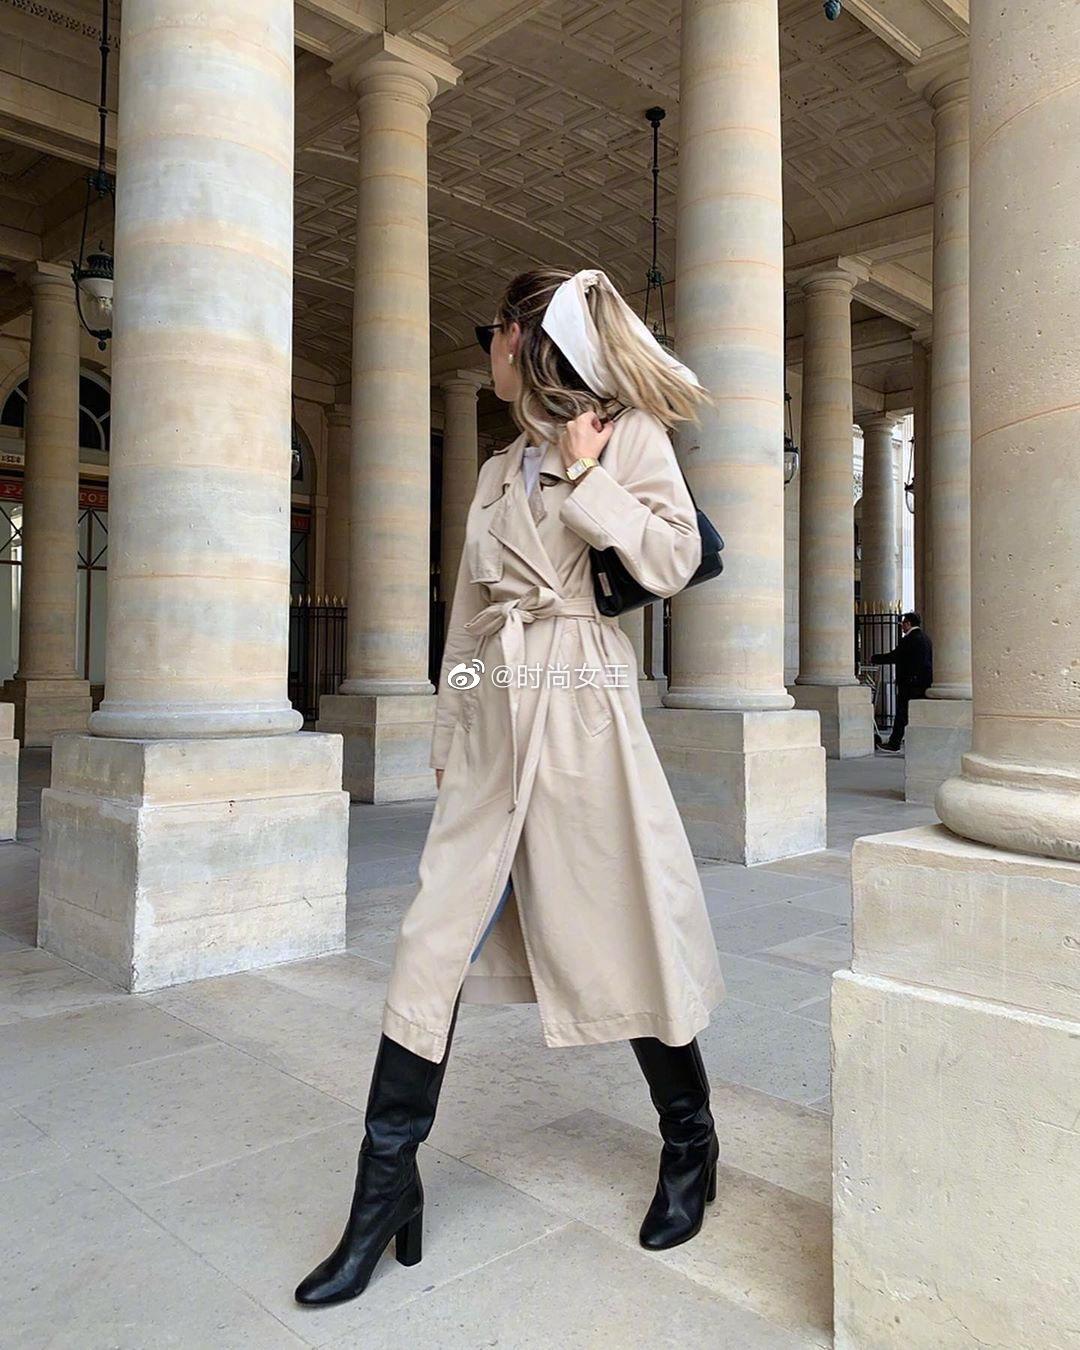 法国博主Marielle的日常穿搭分享,标准的法式穿搭